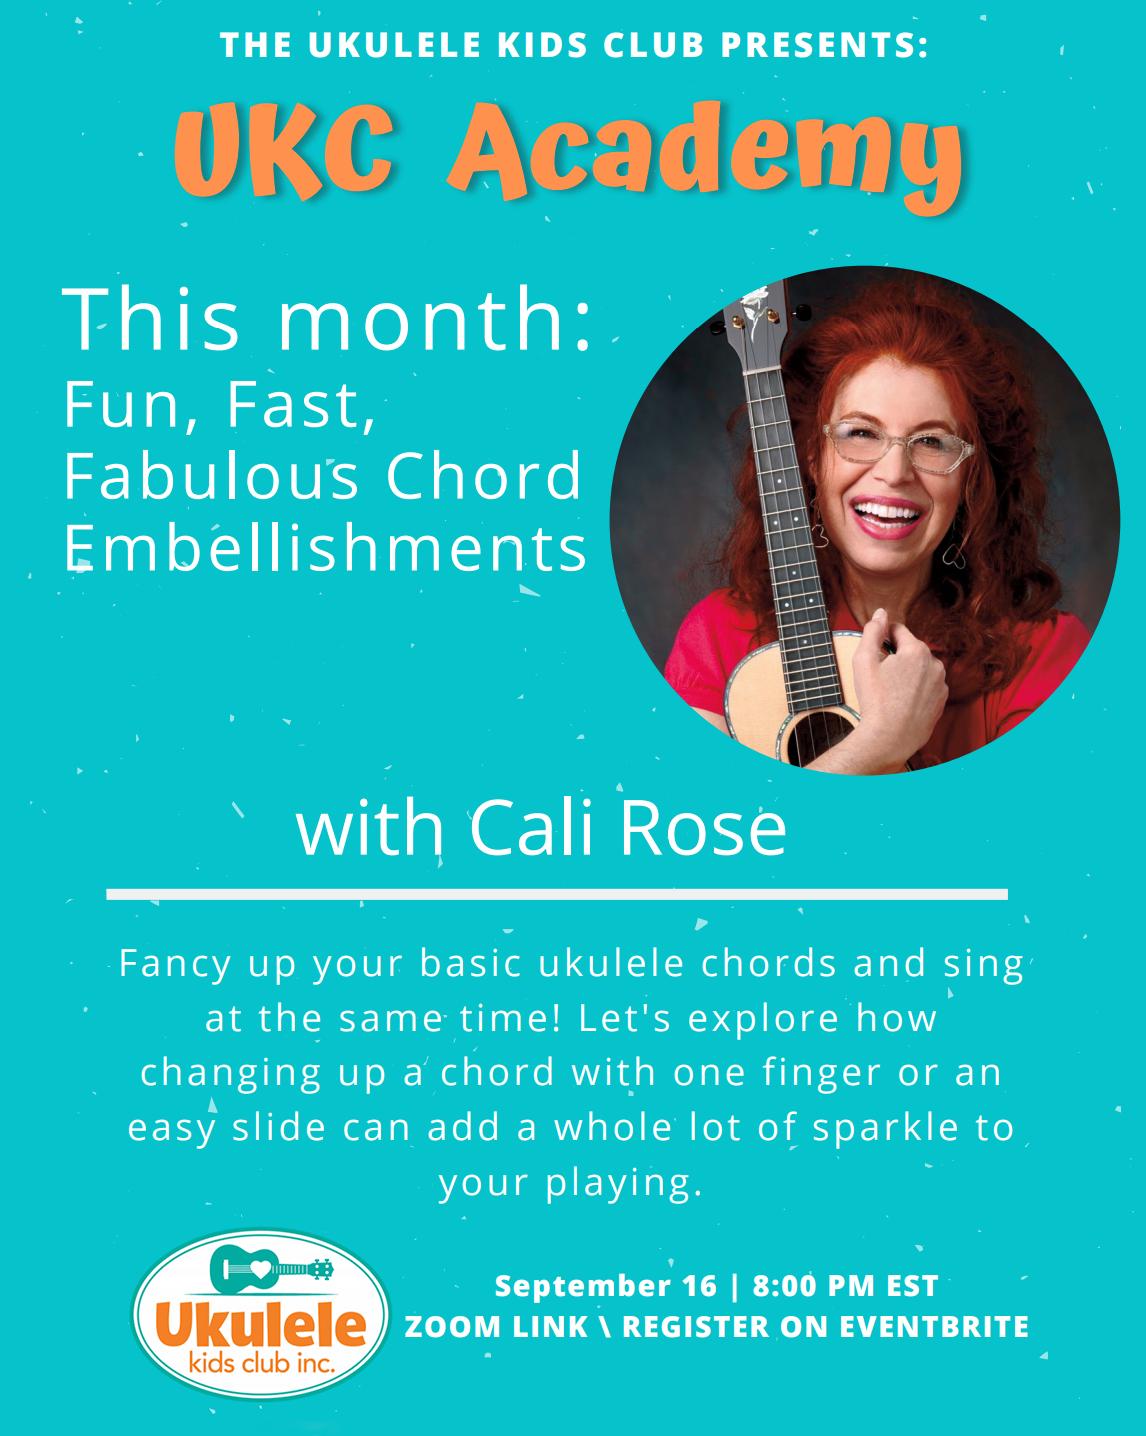 a flyer for a ukulele event held september 2020